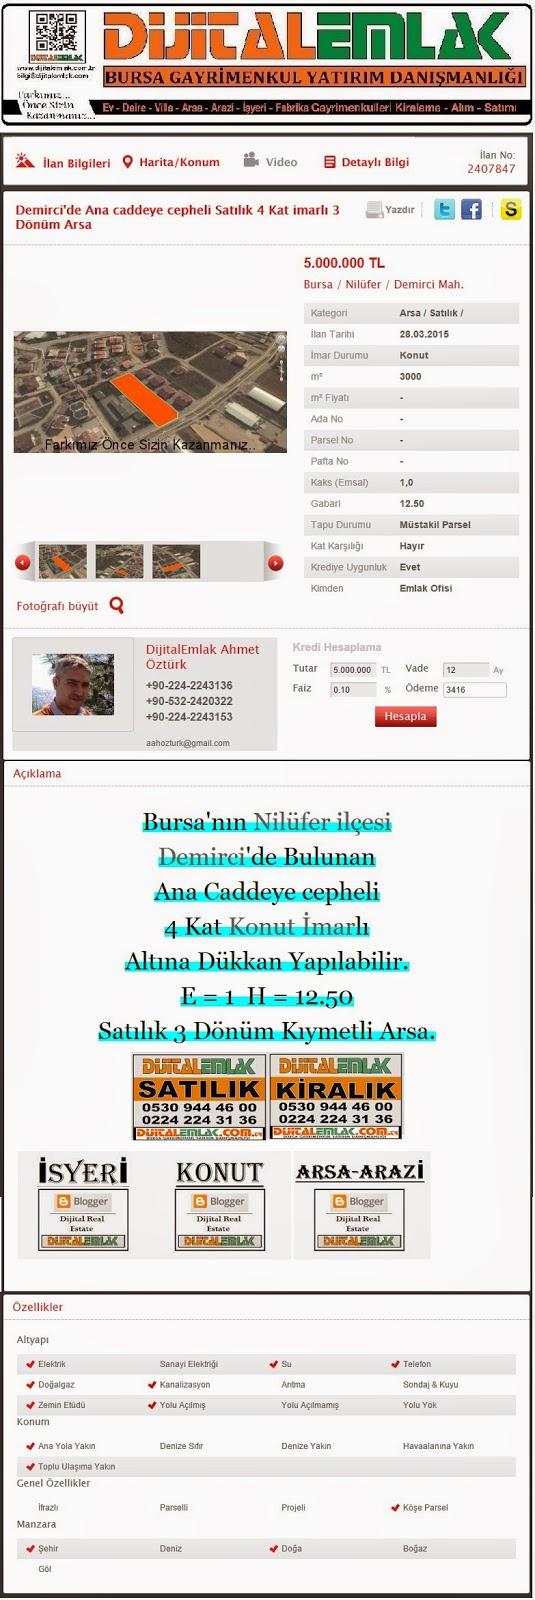 http://www.dijitalemlak.com.tr/ilan/2407847_demircide-ana-caddeye-cepheli-satilik-4-kat-imarli-3-donum-arsa.html